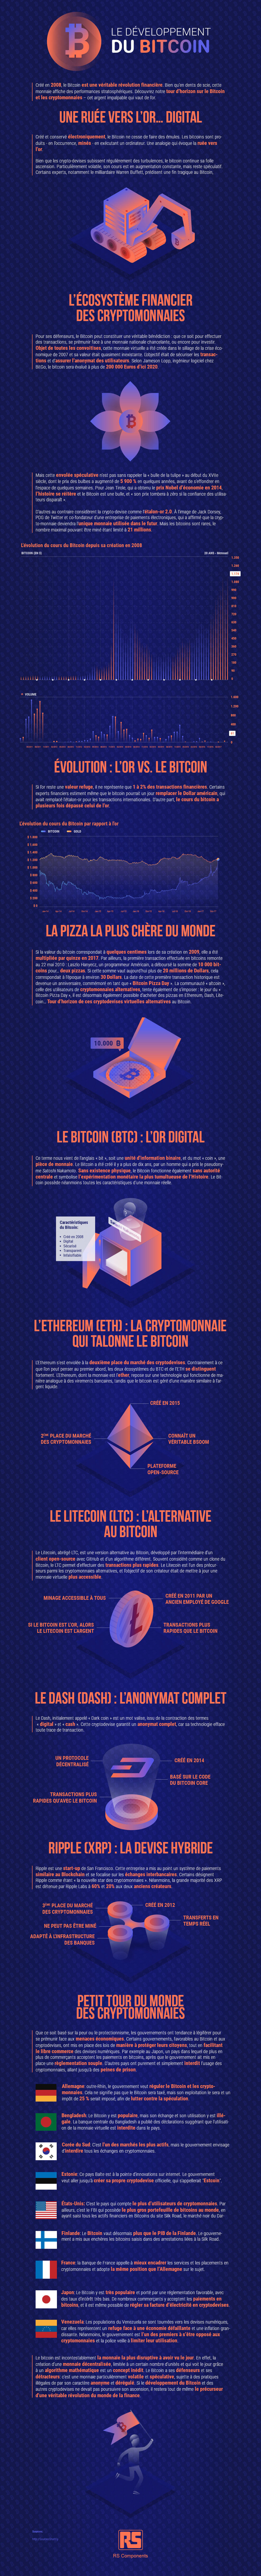 Le développement du Bitcoin